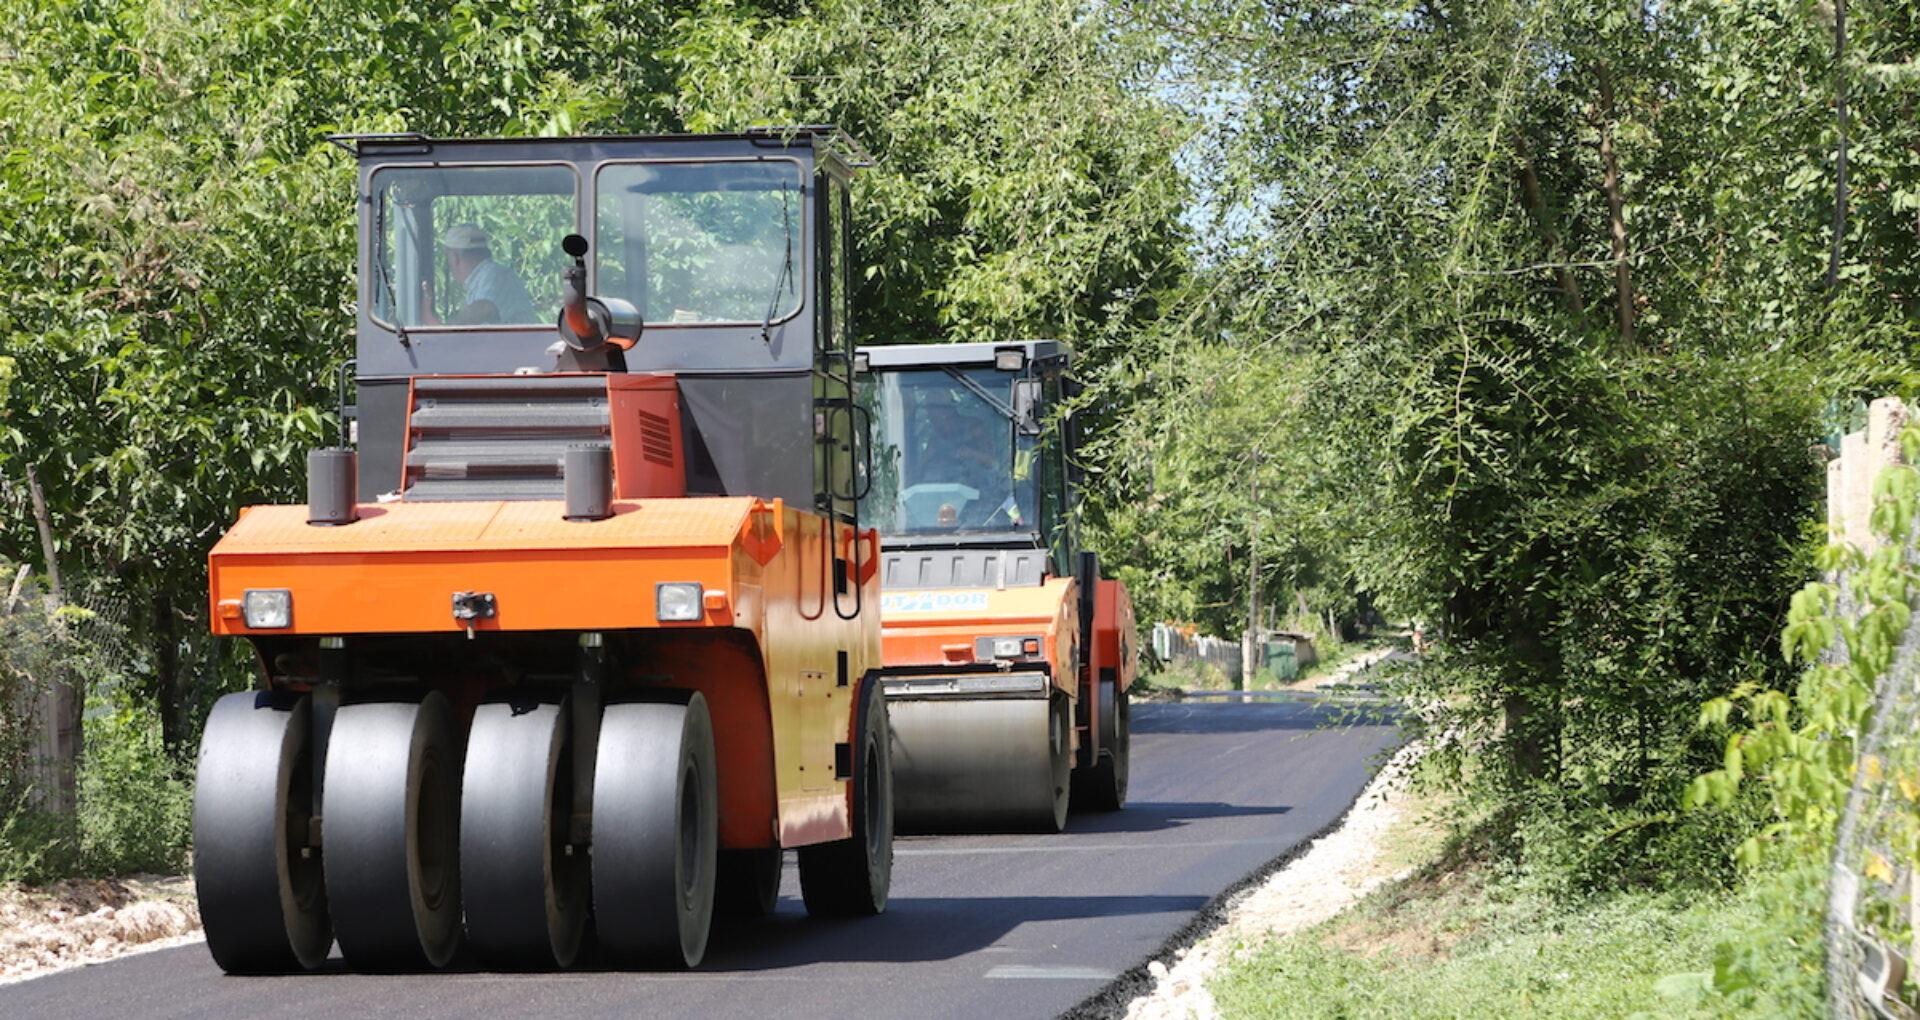 Peste 250 de milioane de euro pentru reabilitarea drumurilor naționale. La ce etapă se află lucrările